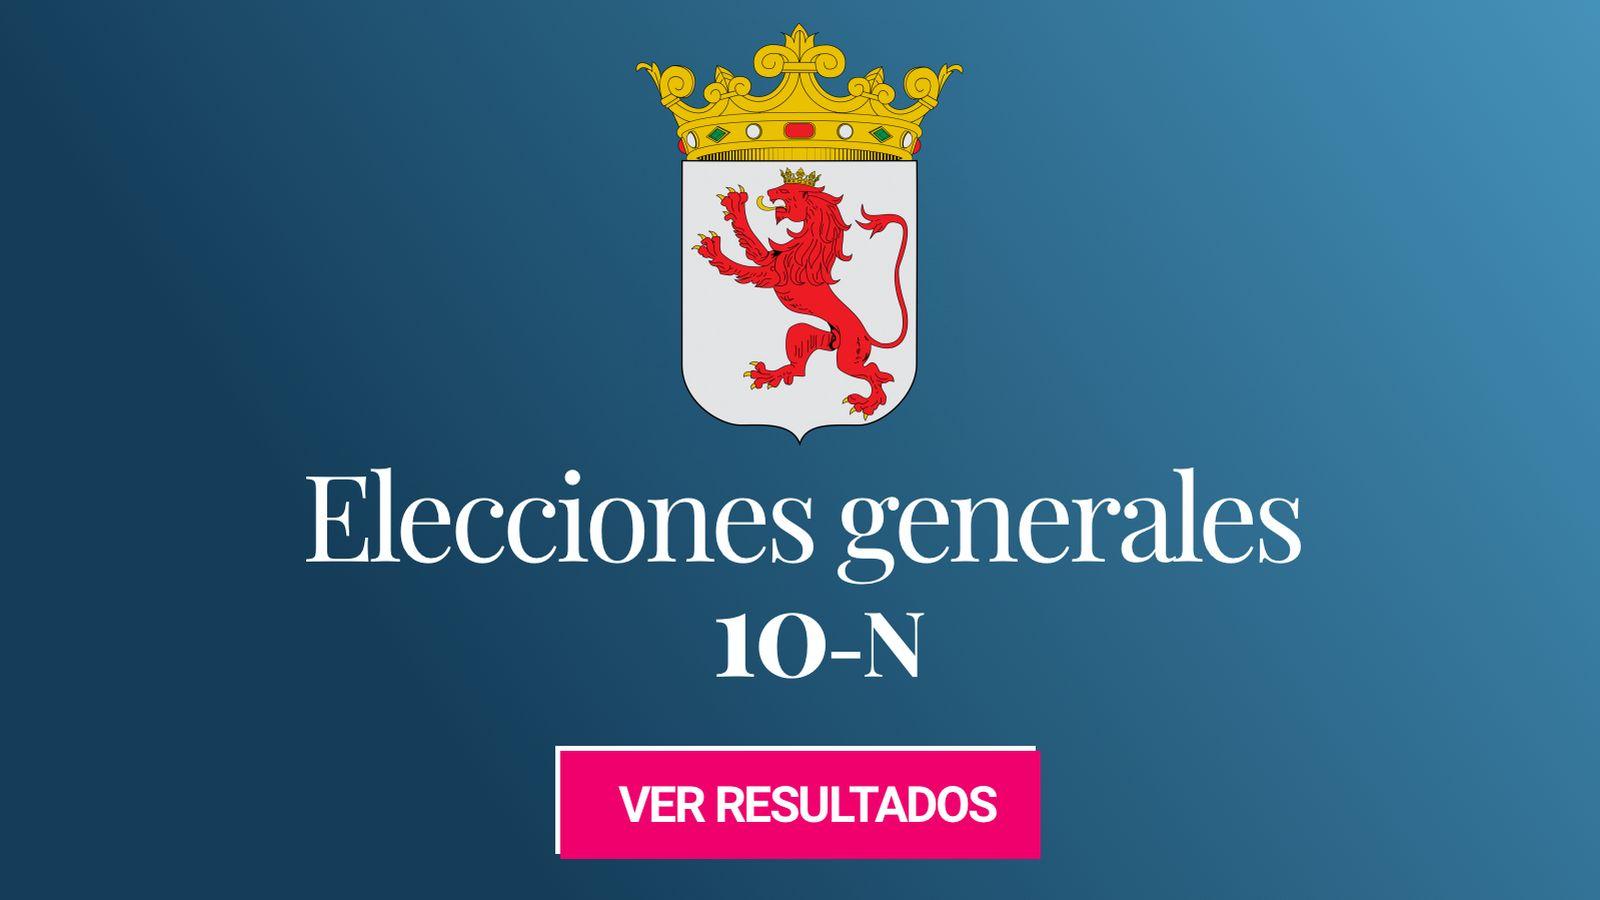 Foto: Elecciones generales 2019 en la provincia de León. (C.C./Hansen)